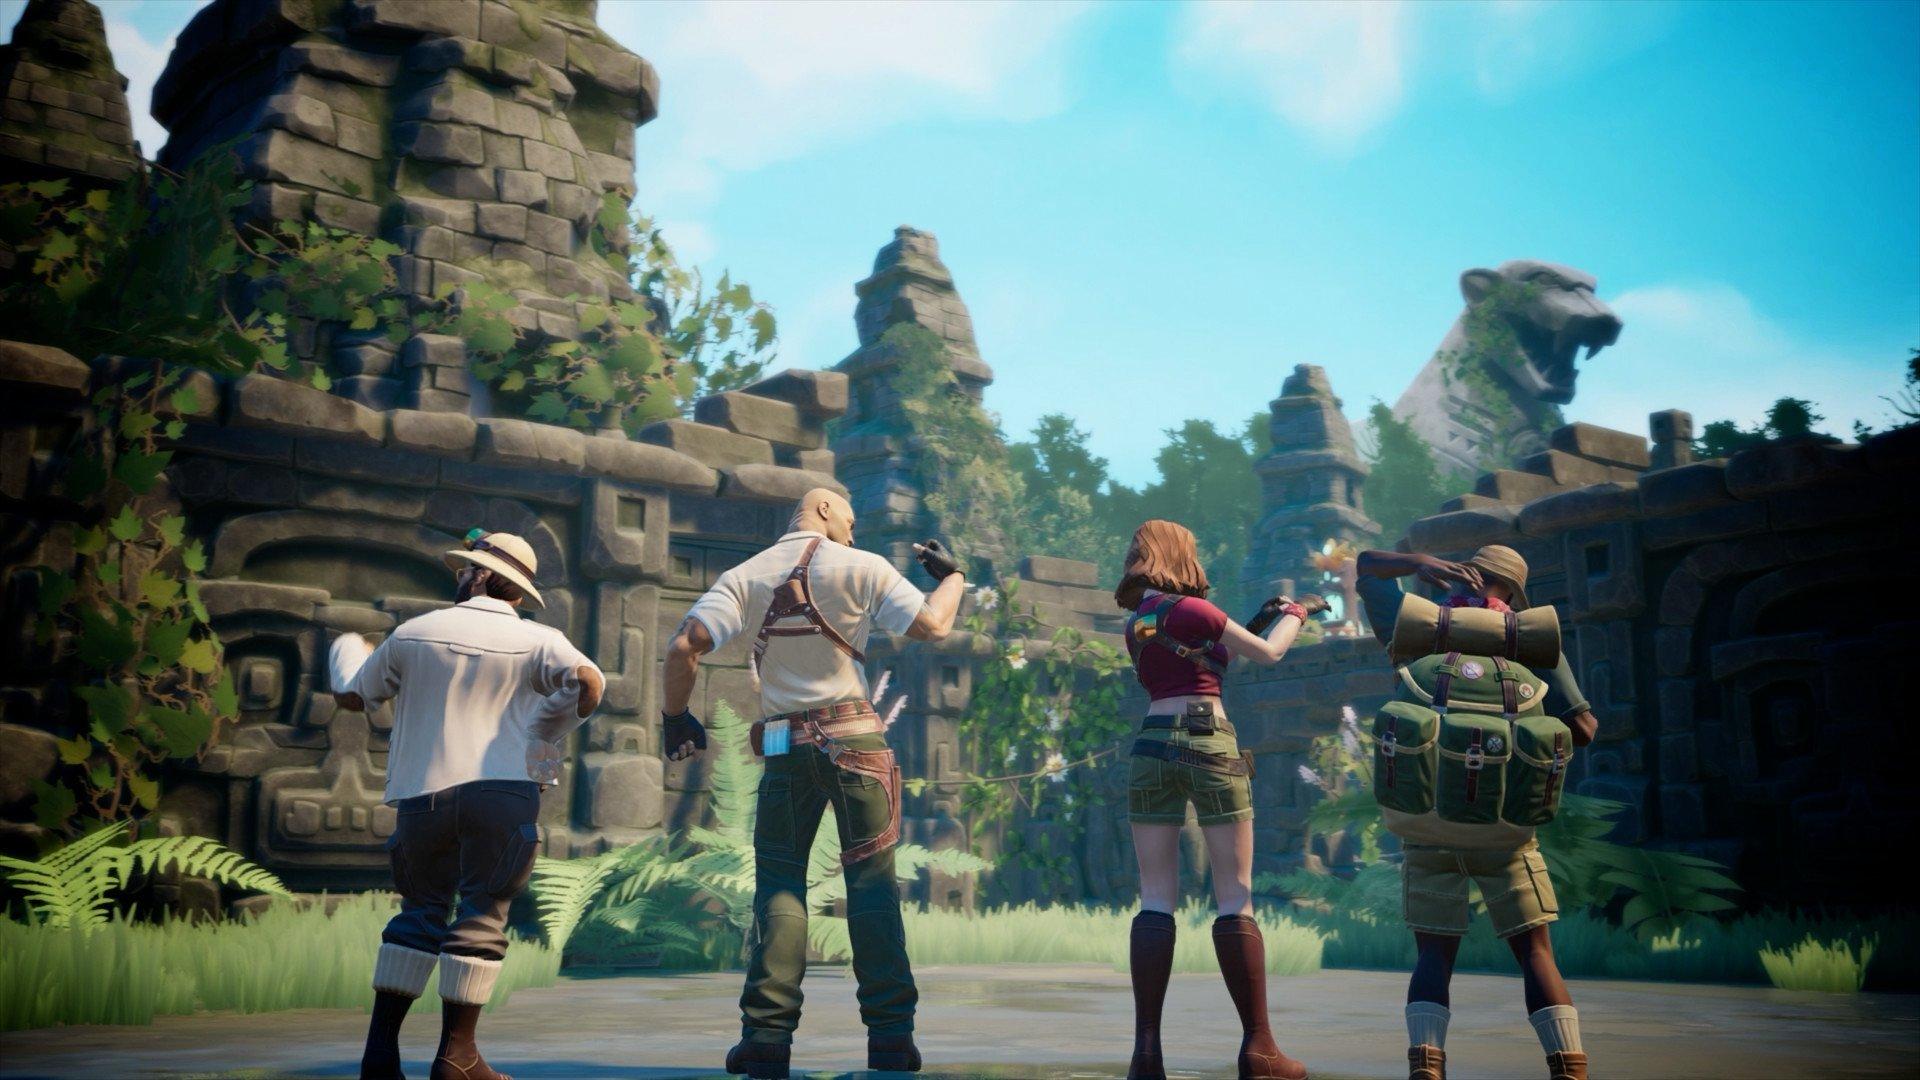 Скриншот к игре Jumanji: The Video Game (2019) скачать торрент Лицензия